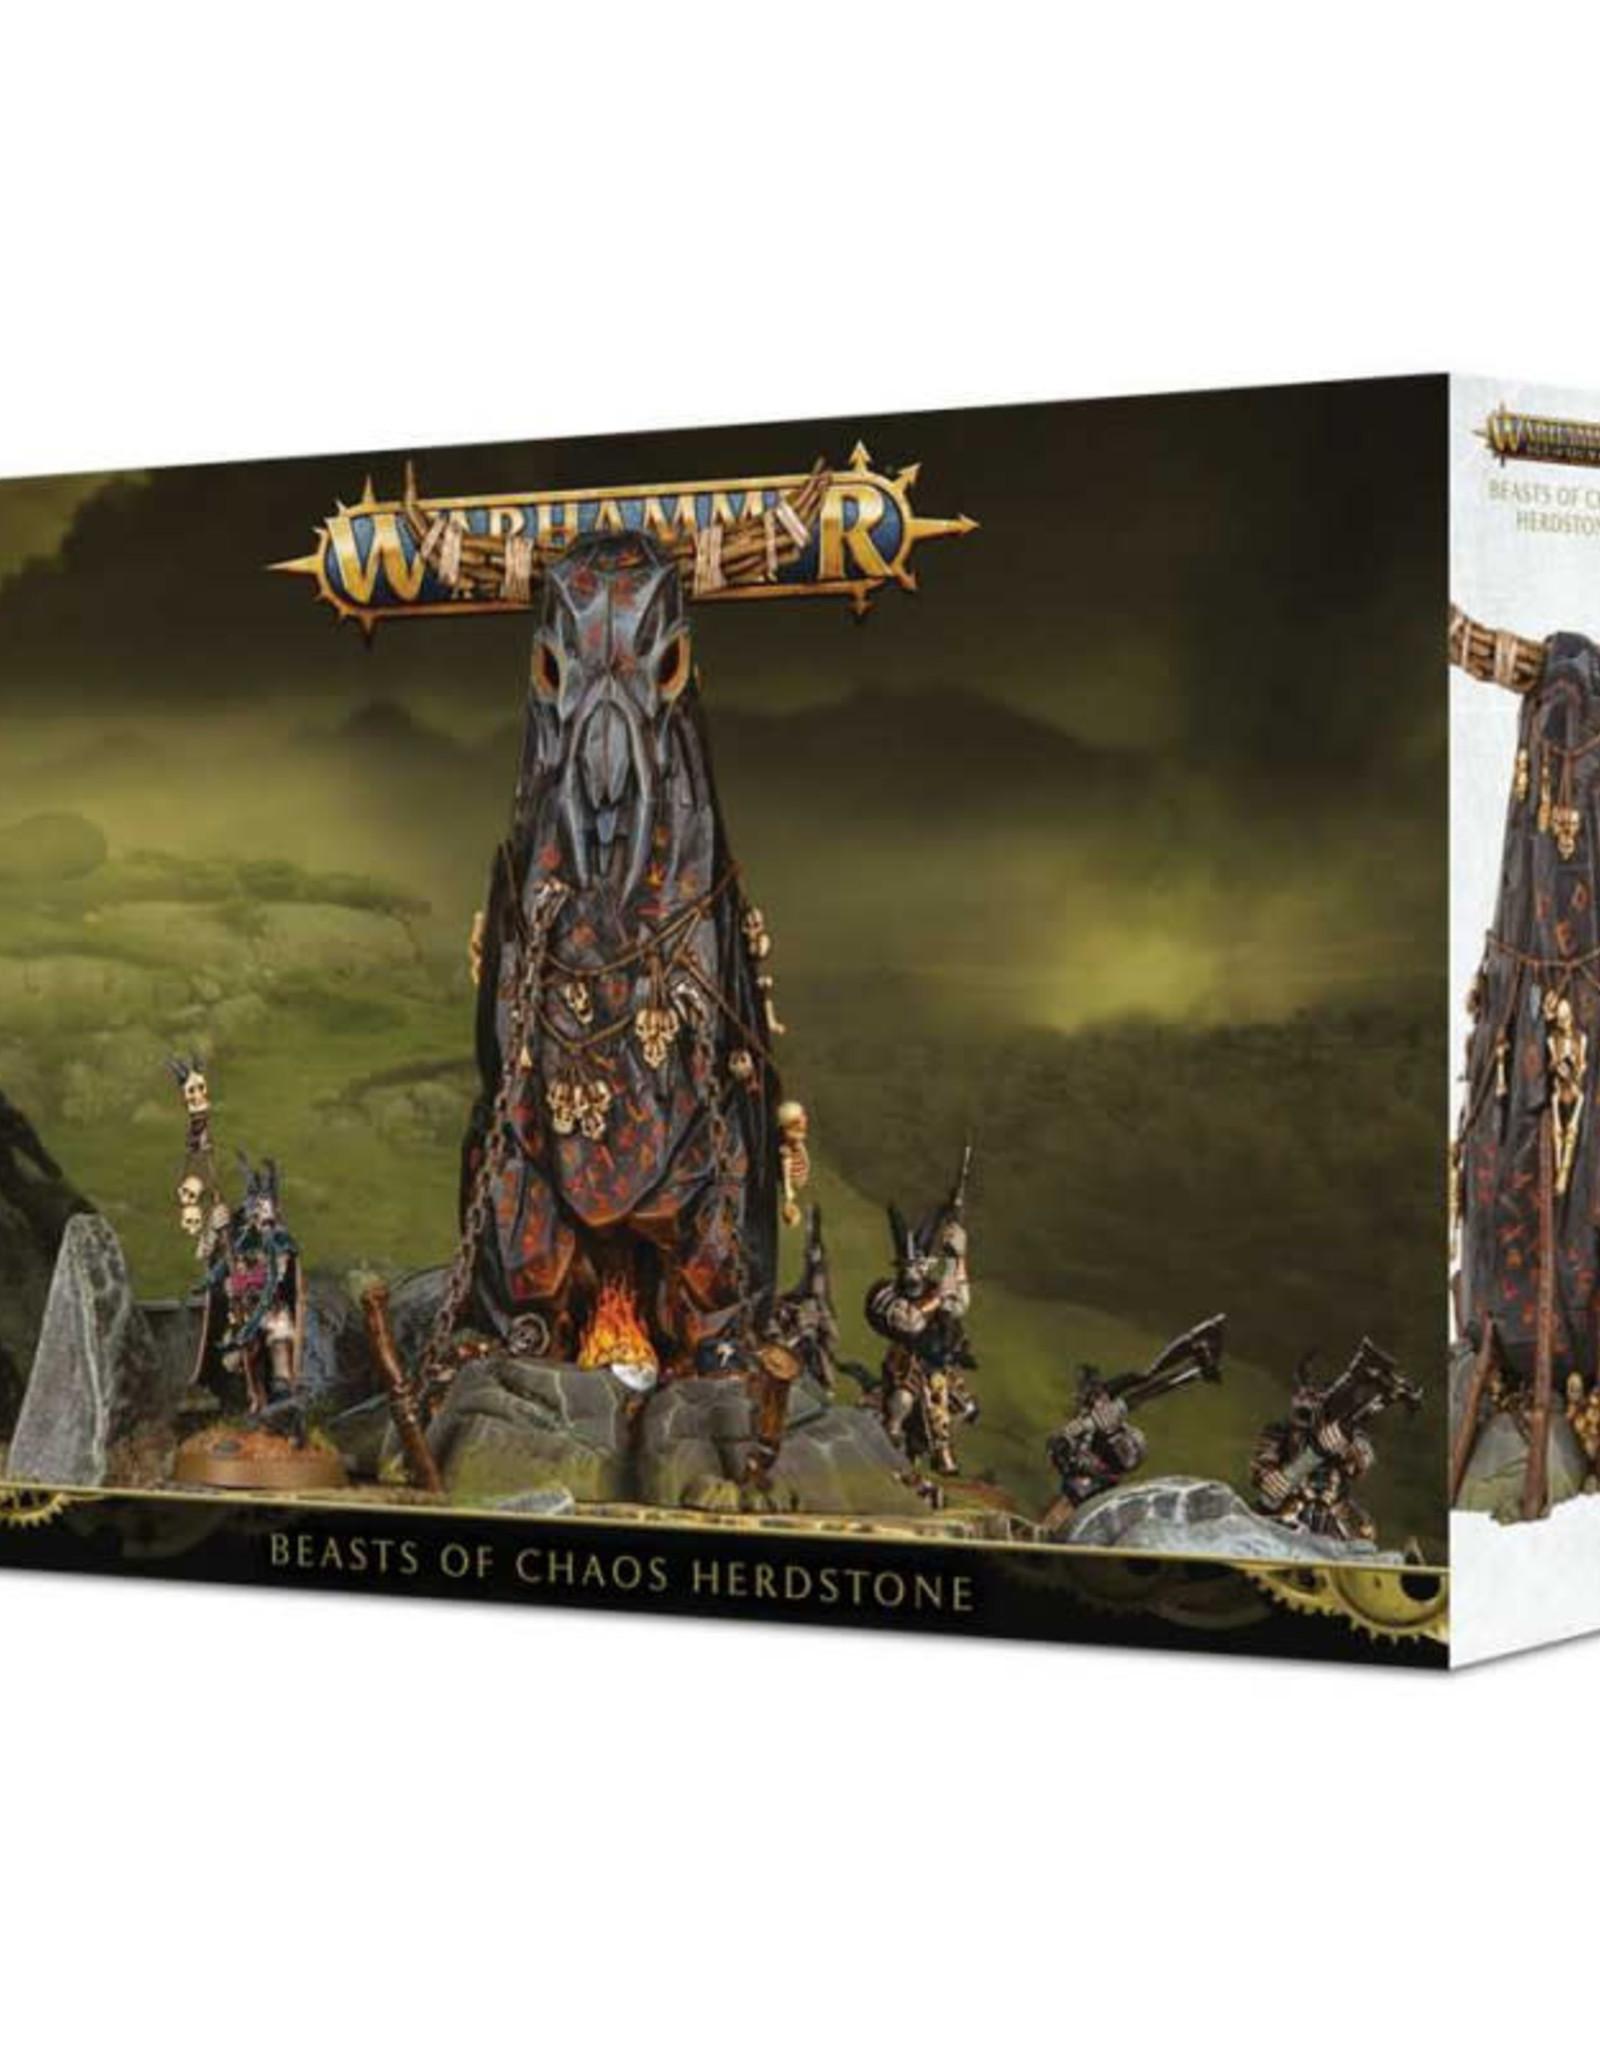 Games Workshop Warhammer Age of Sigmar Beasts of Chaos Herdstone